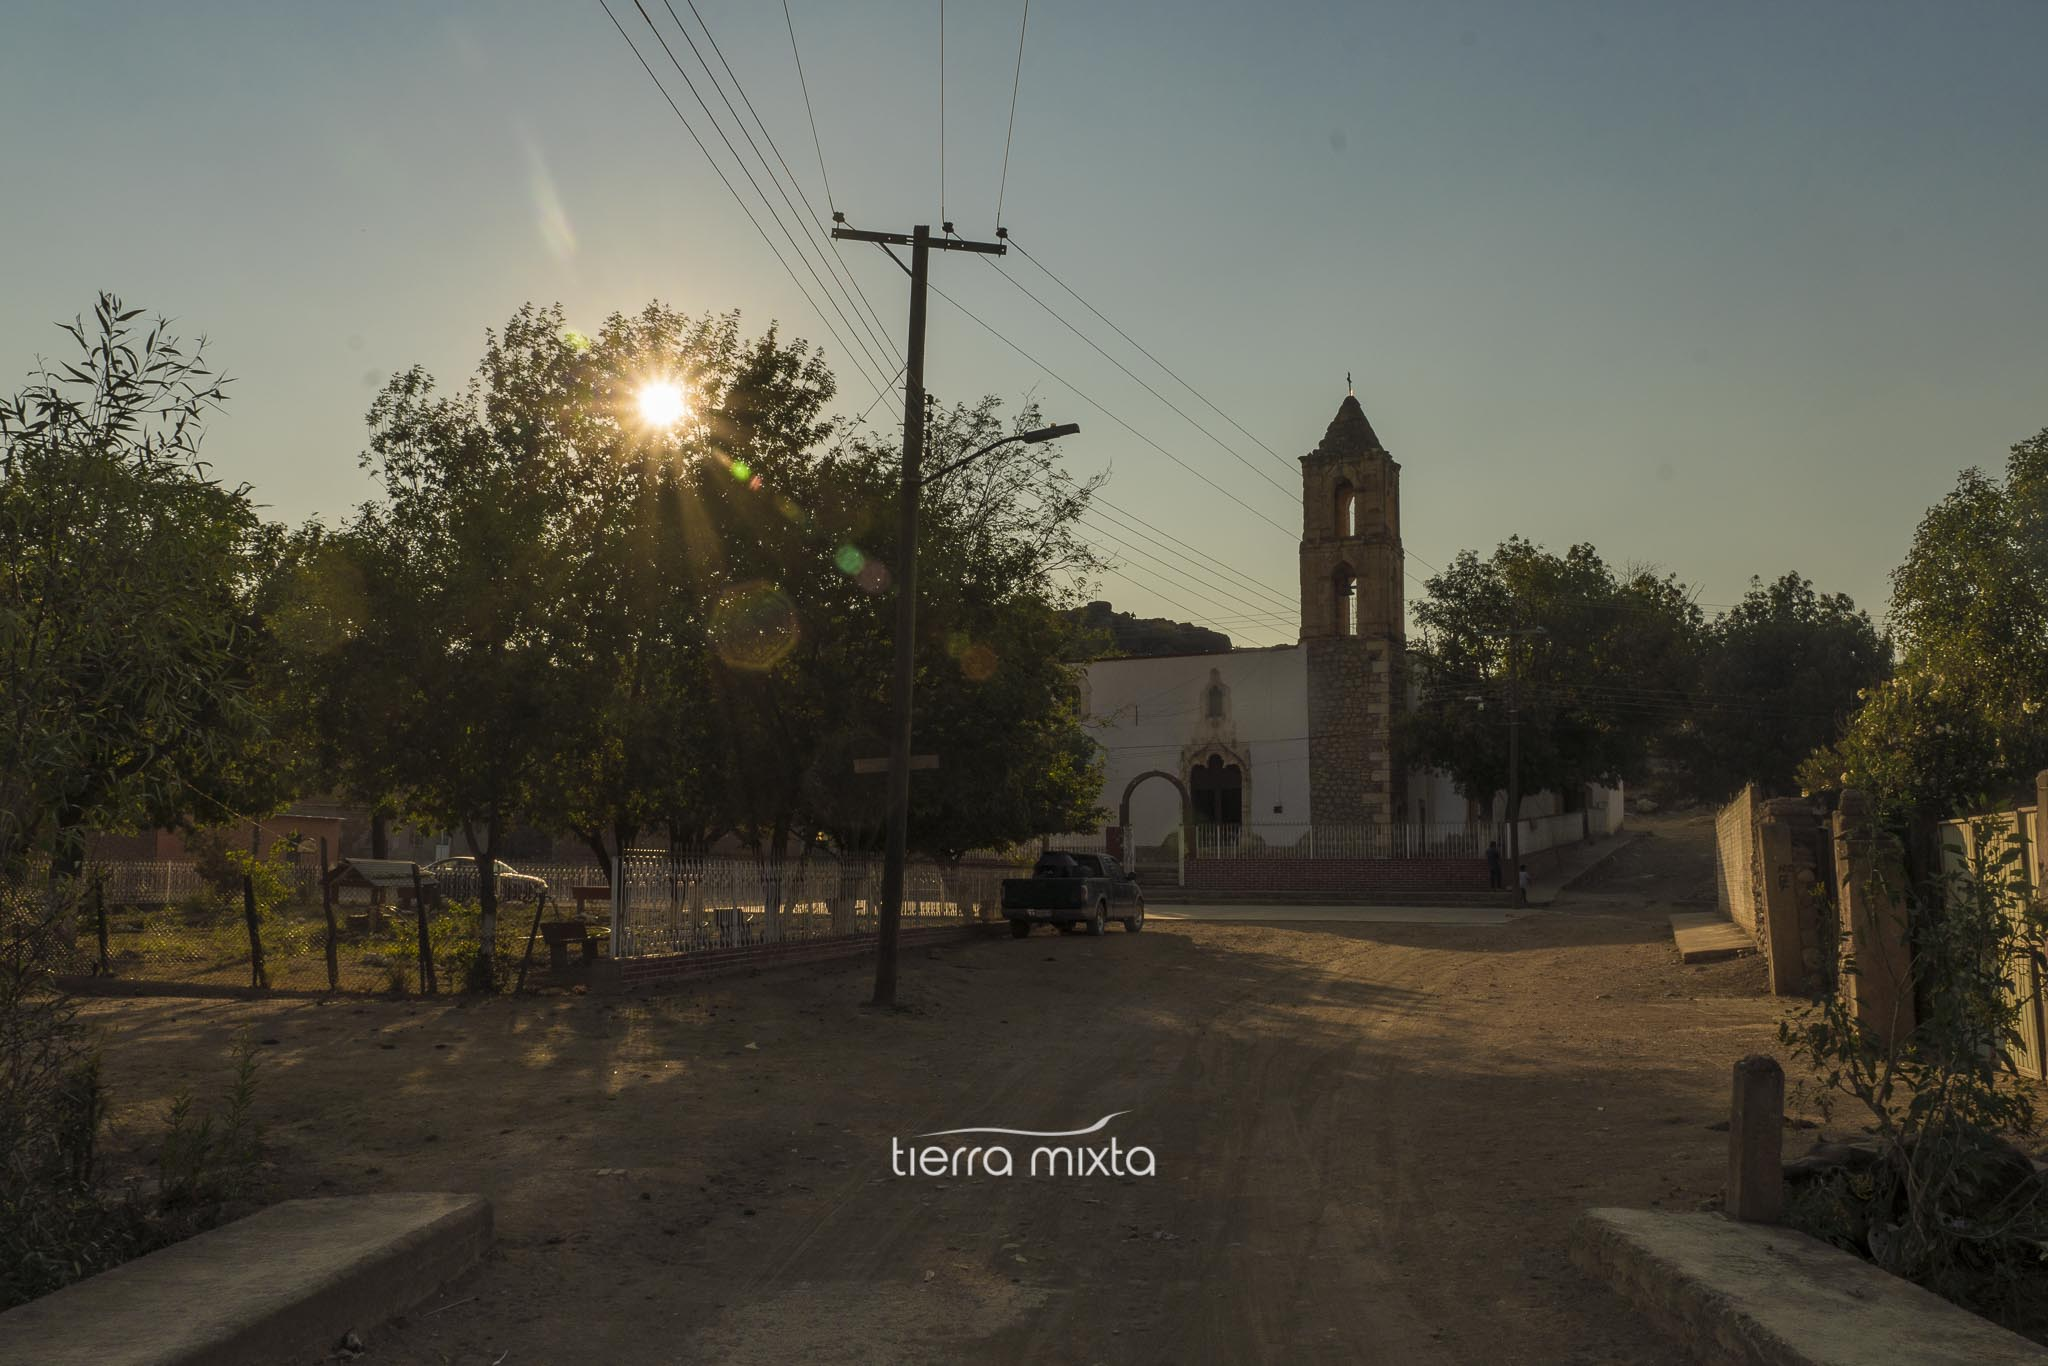 Tejamen _ Tierra Mixta _ Cristian Herrera _2020 (45)